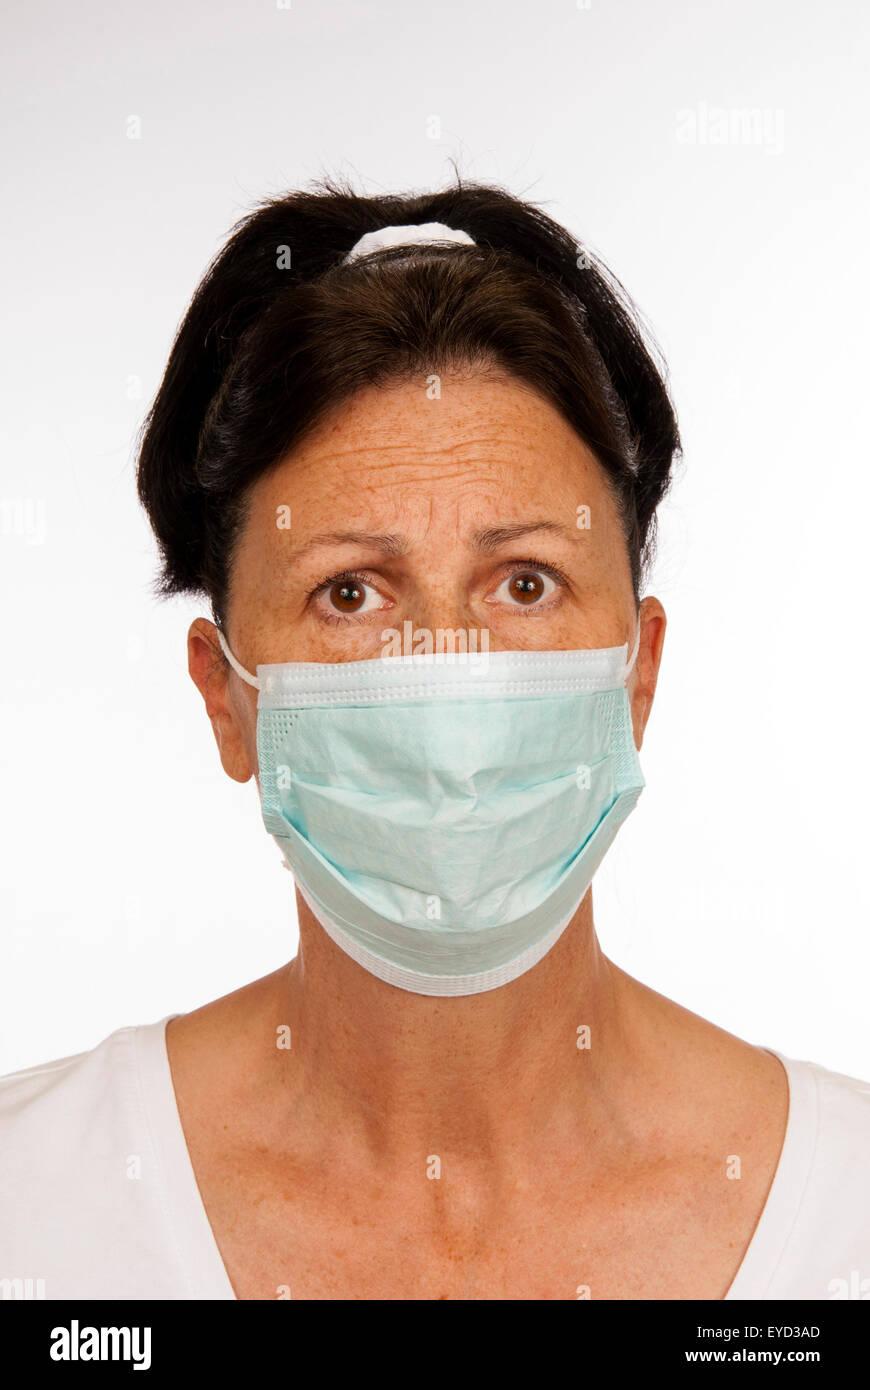 Frau auf der Suche besorgt über den Fang einer ansteckenden Krankheit und eine medizinische Maske trägt. Stockbild